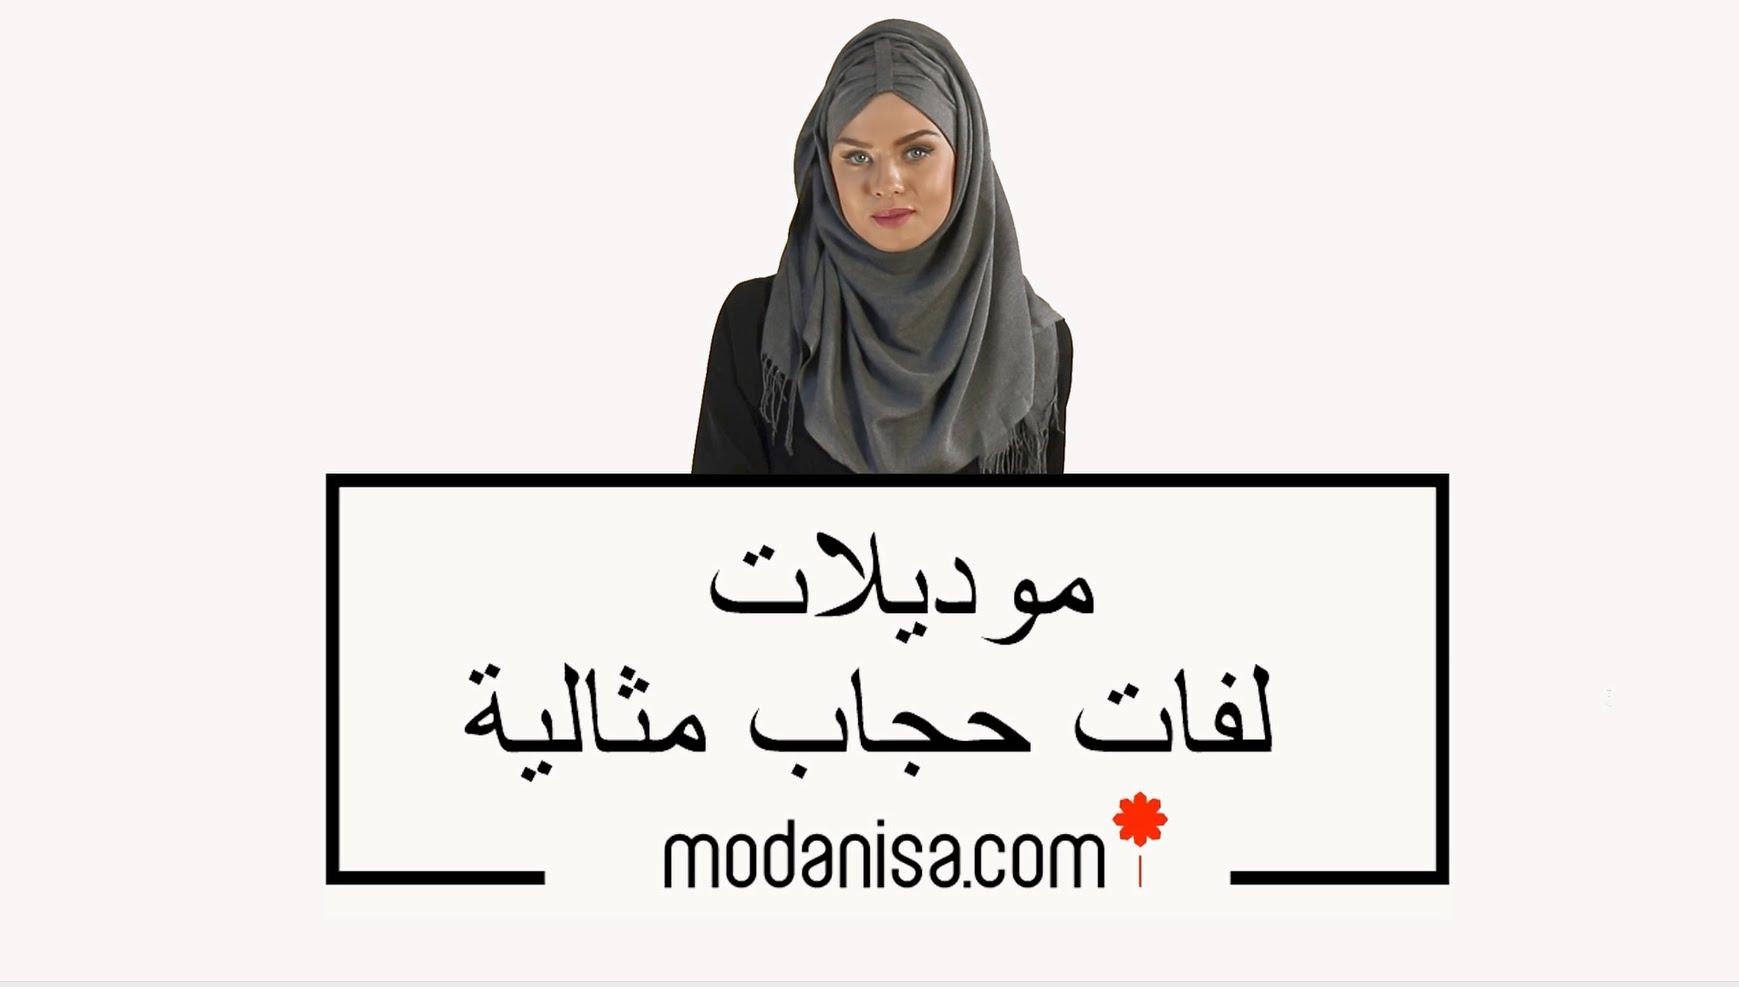 تخفيضات وعروض الجمعة البيضاء 2017 بلاك فرايدى مودانيسا Modanisa التركى لملابس المحجبات